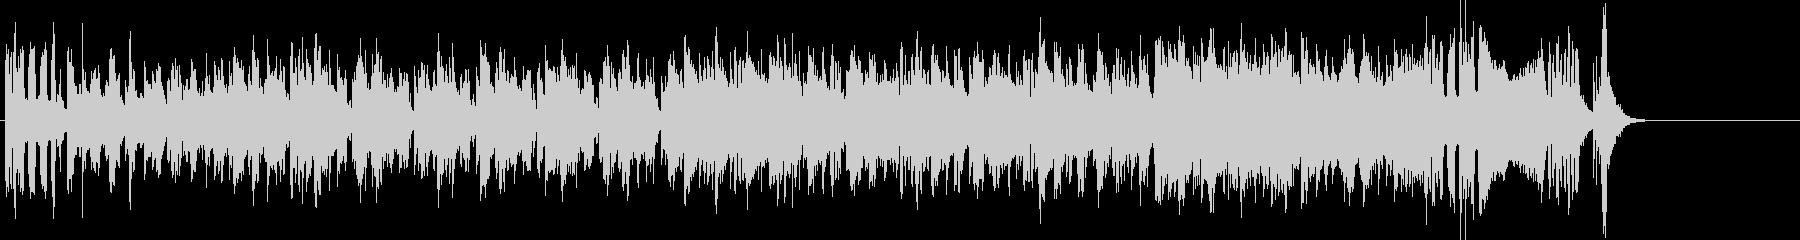 インパクトの強いエレクトリック・ファンクの未再生の波形